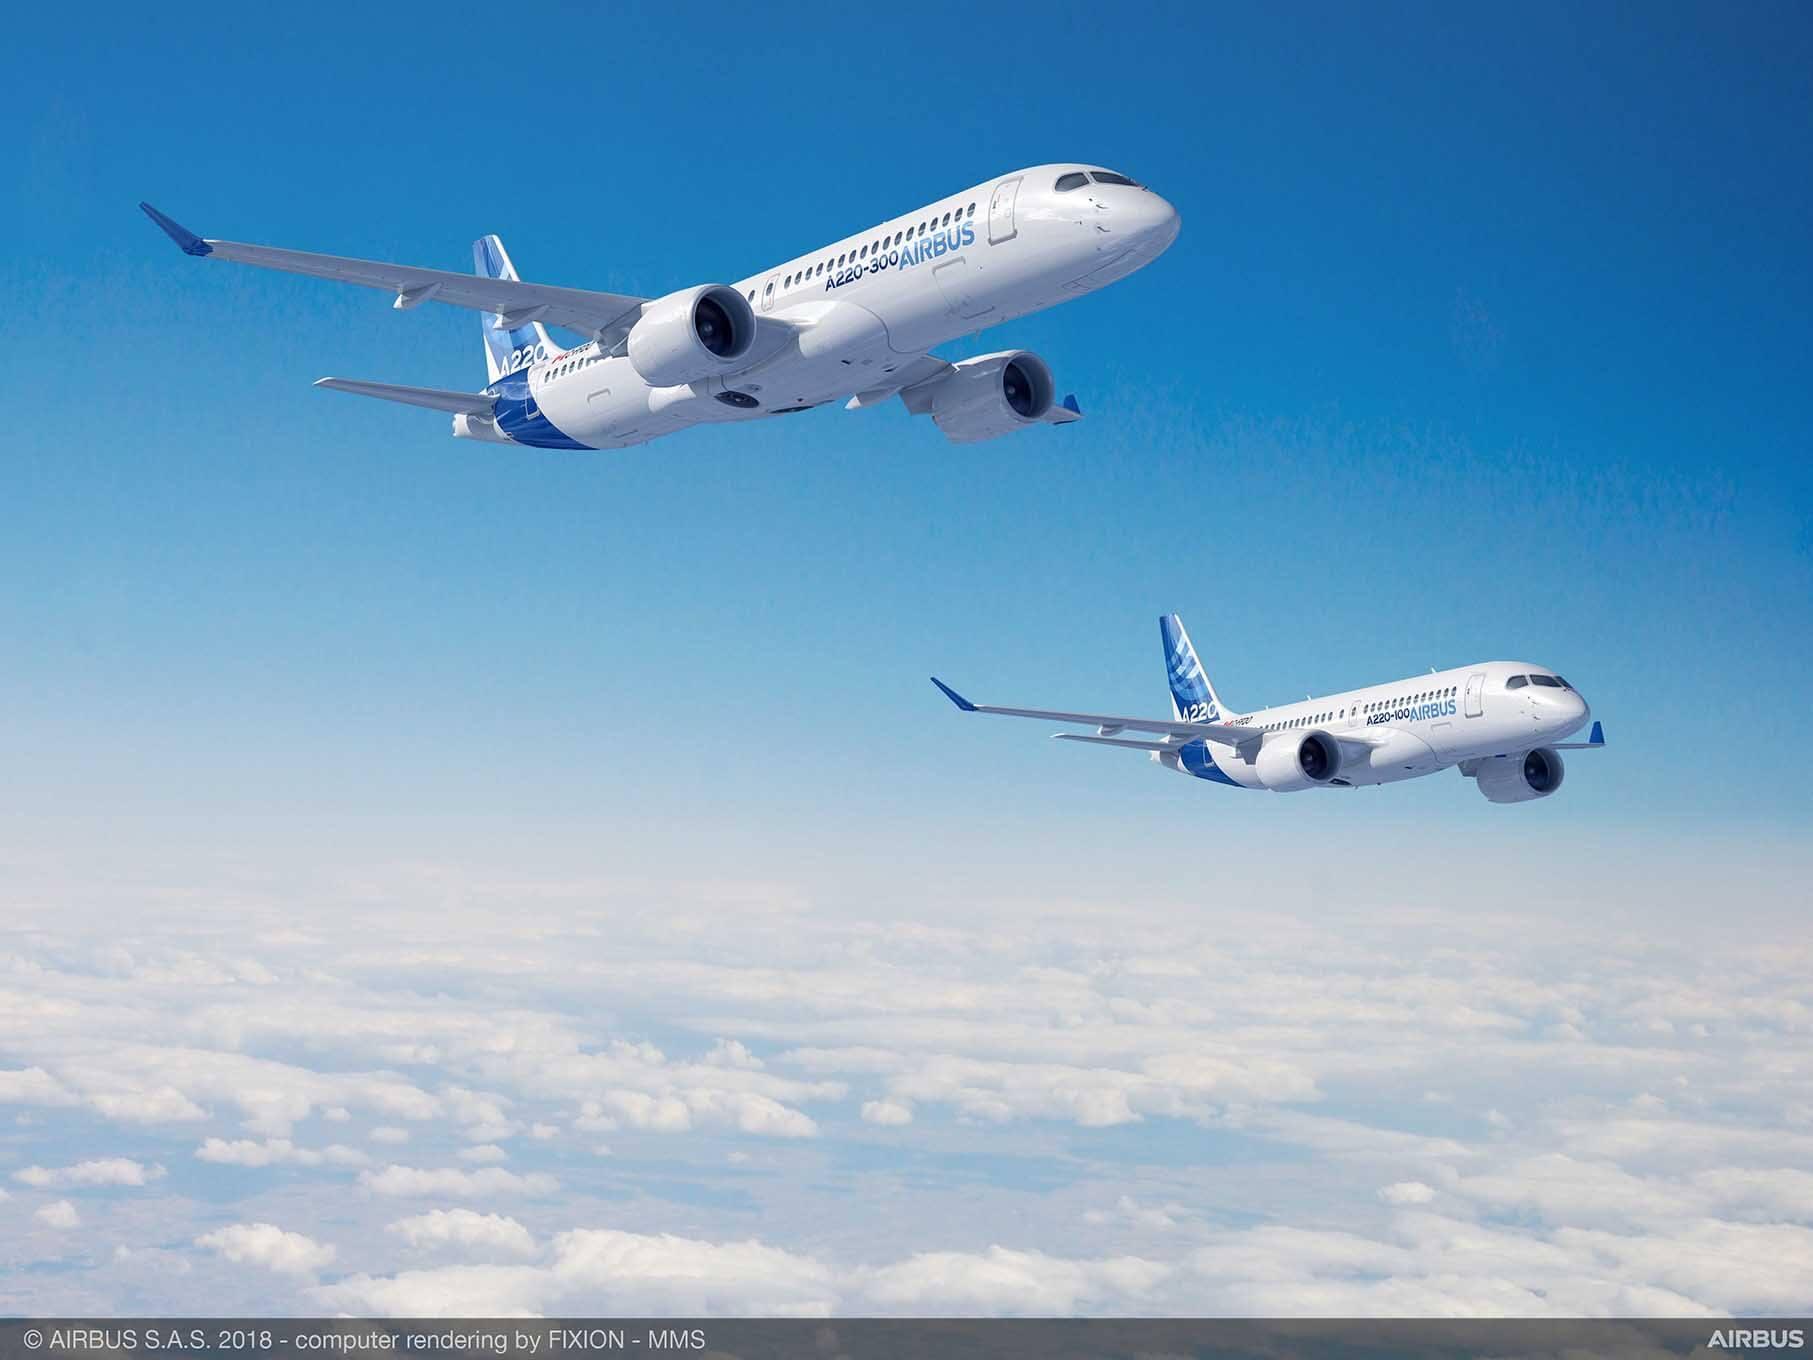 Quebec owner of Airbus 220